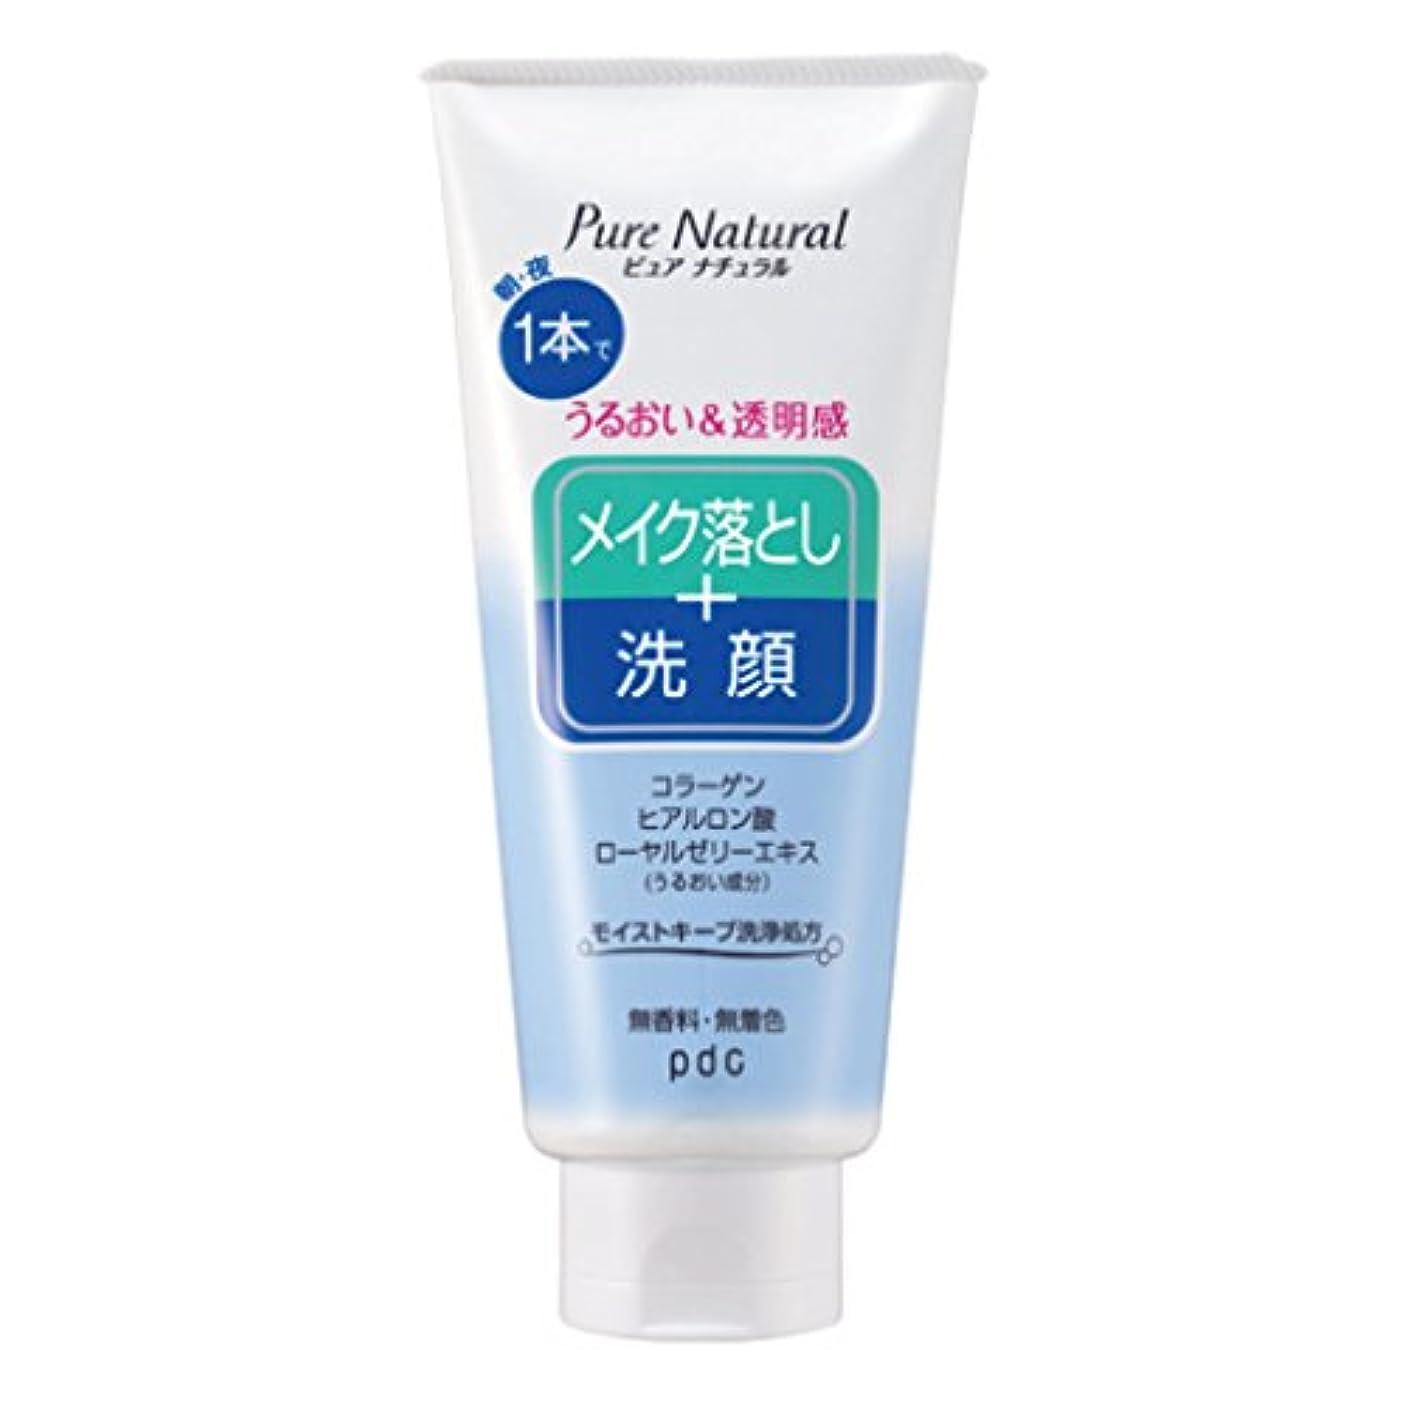 持参トリプルリテラシーPure NATURAL(ピュアナチュラル) クレンジング洗顔 170g